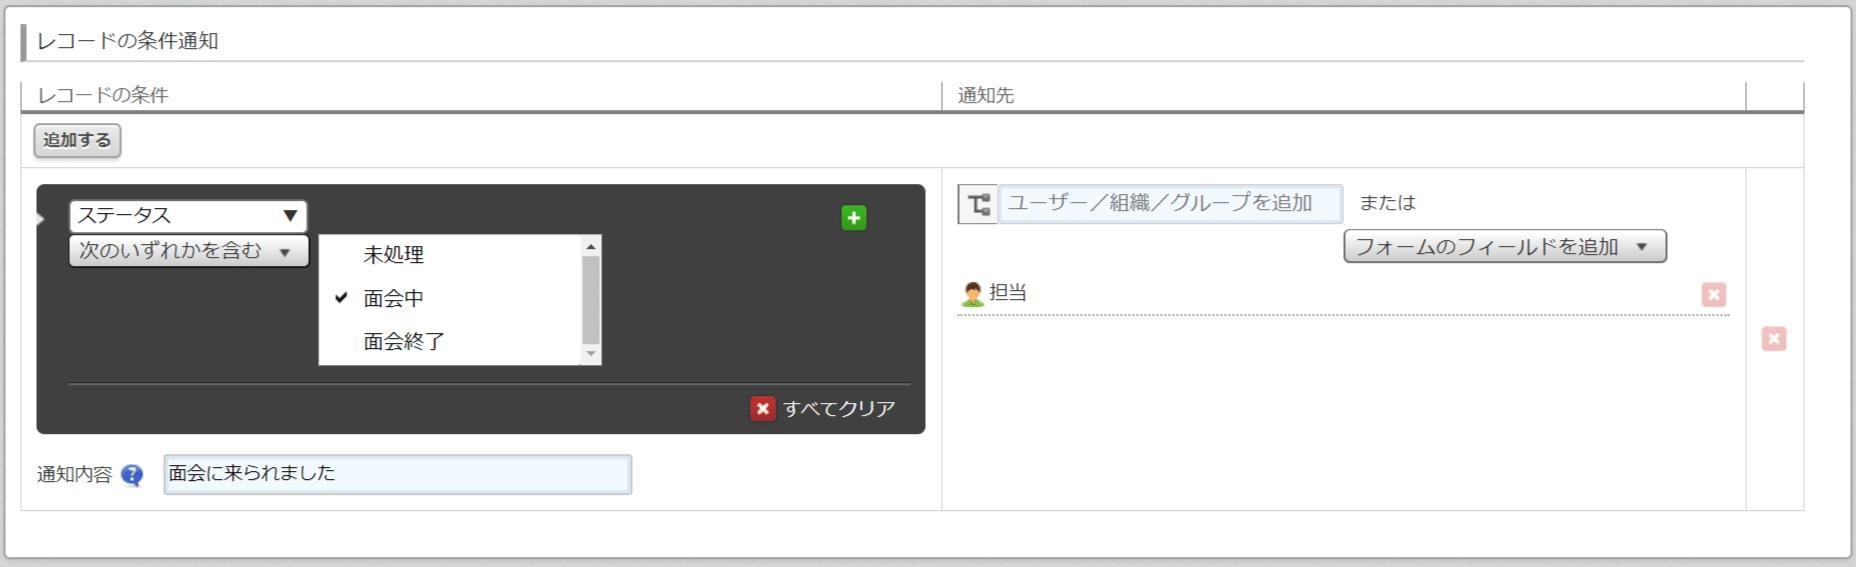 レコード条件通知設定イメージ